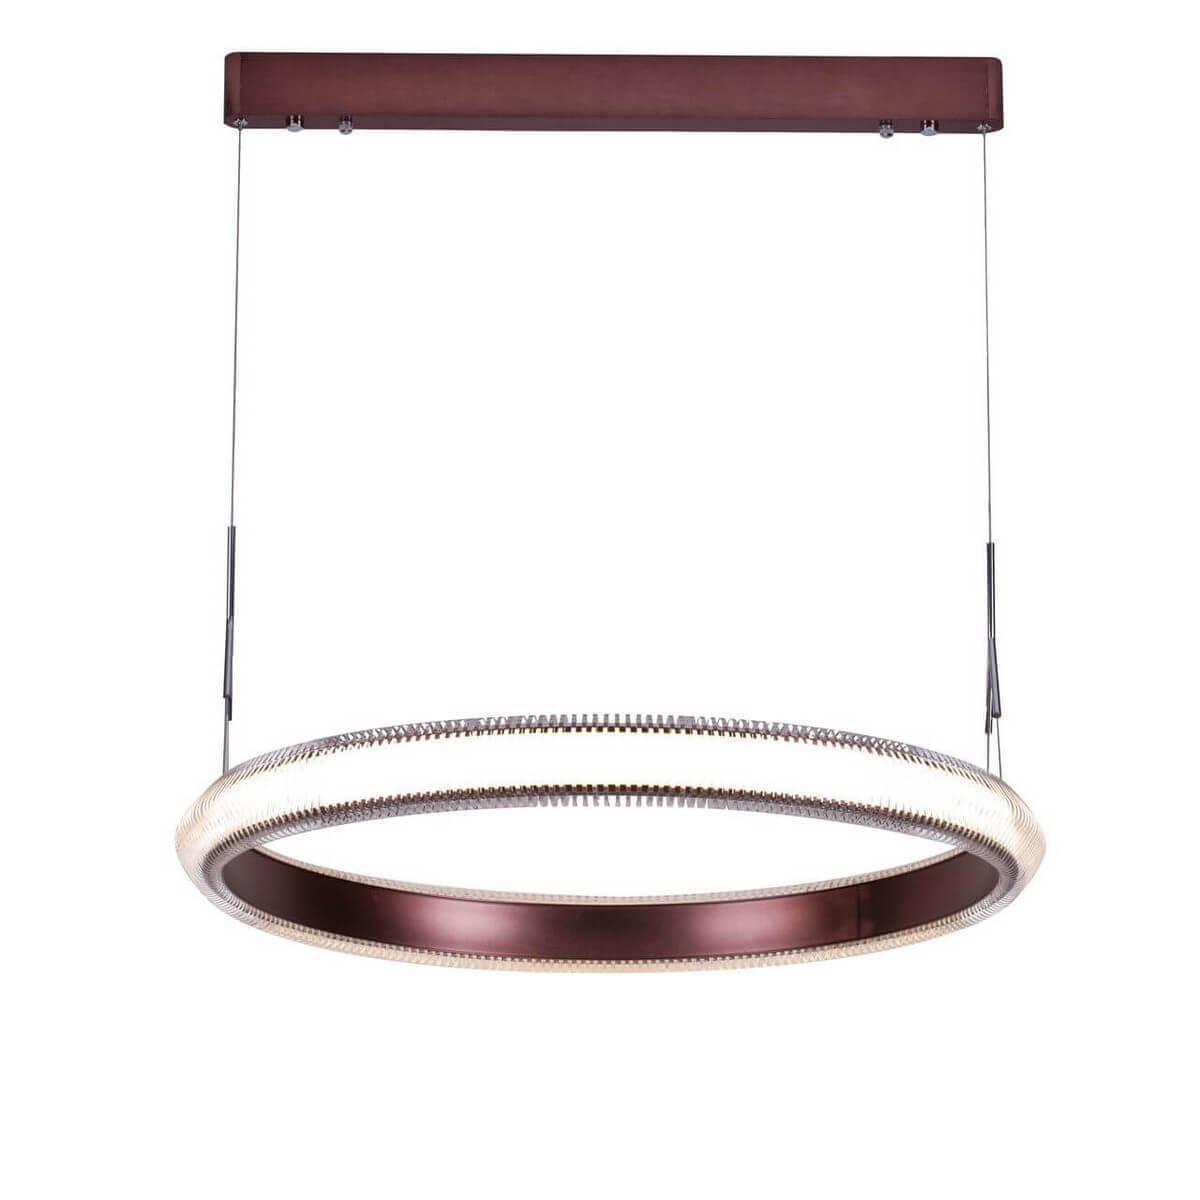 Купить Подвесной светодиодный светильник Lucia Tucci Modena . LedА в интернет магазине дизайнерской мебели и аксессуаров для дома и дачи